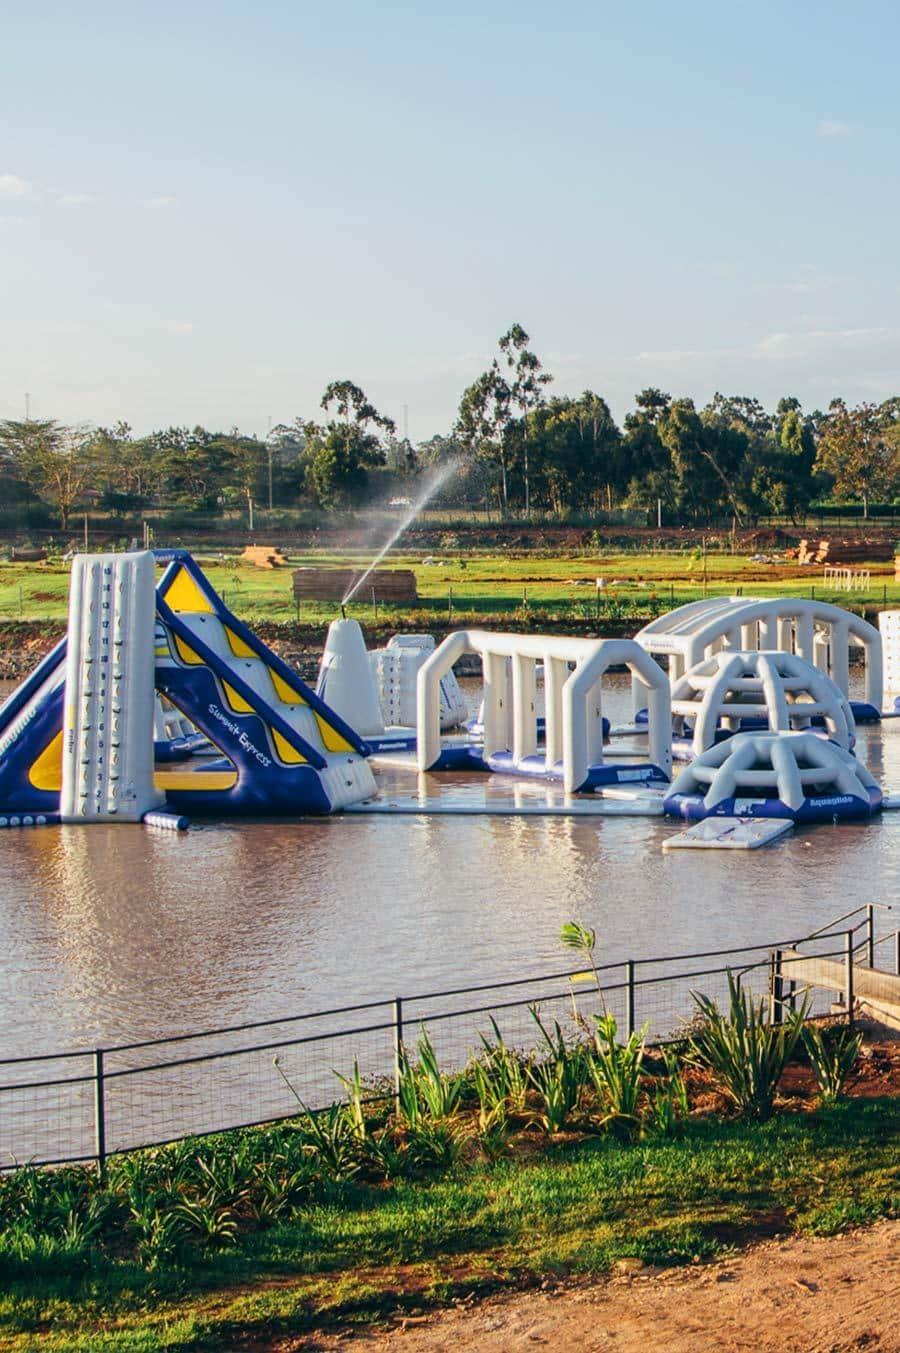 Aqua Park 3 - Maji Magic Aqua Park Nairobi Kenya